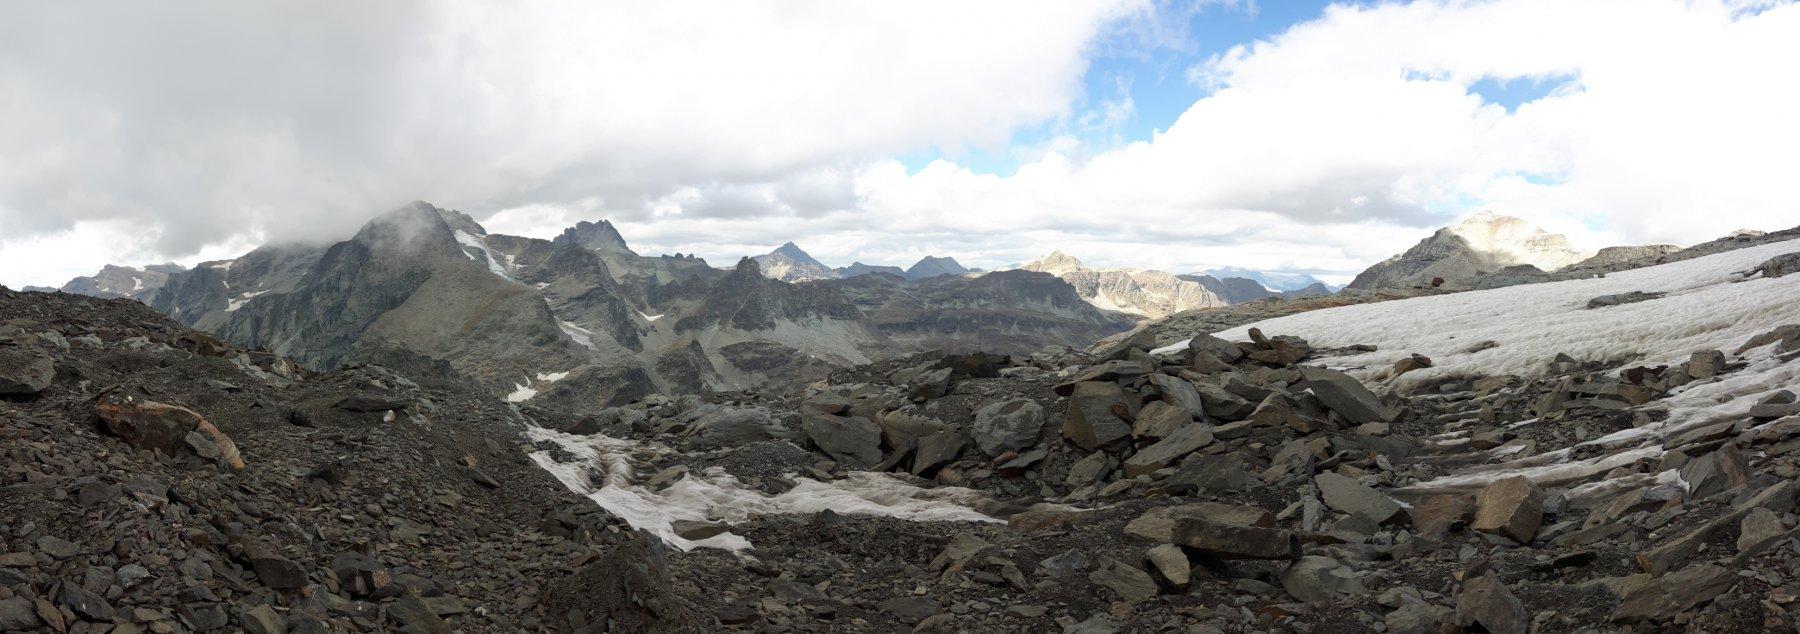 Panoramica dalla terminale del glacio-nevaio verso il Bivacco Blais.